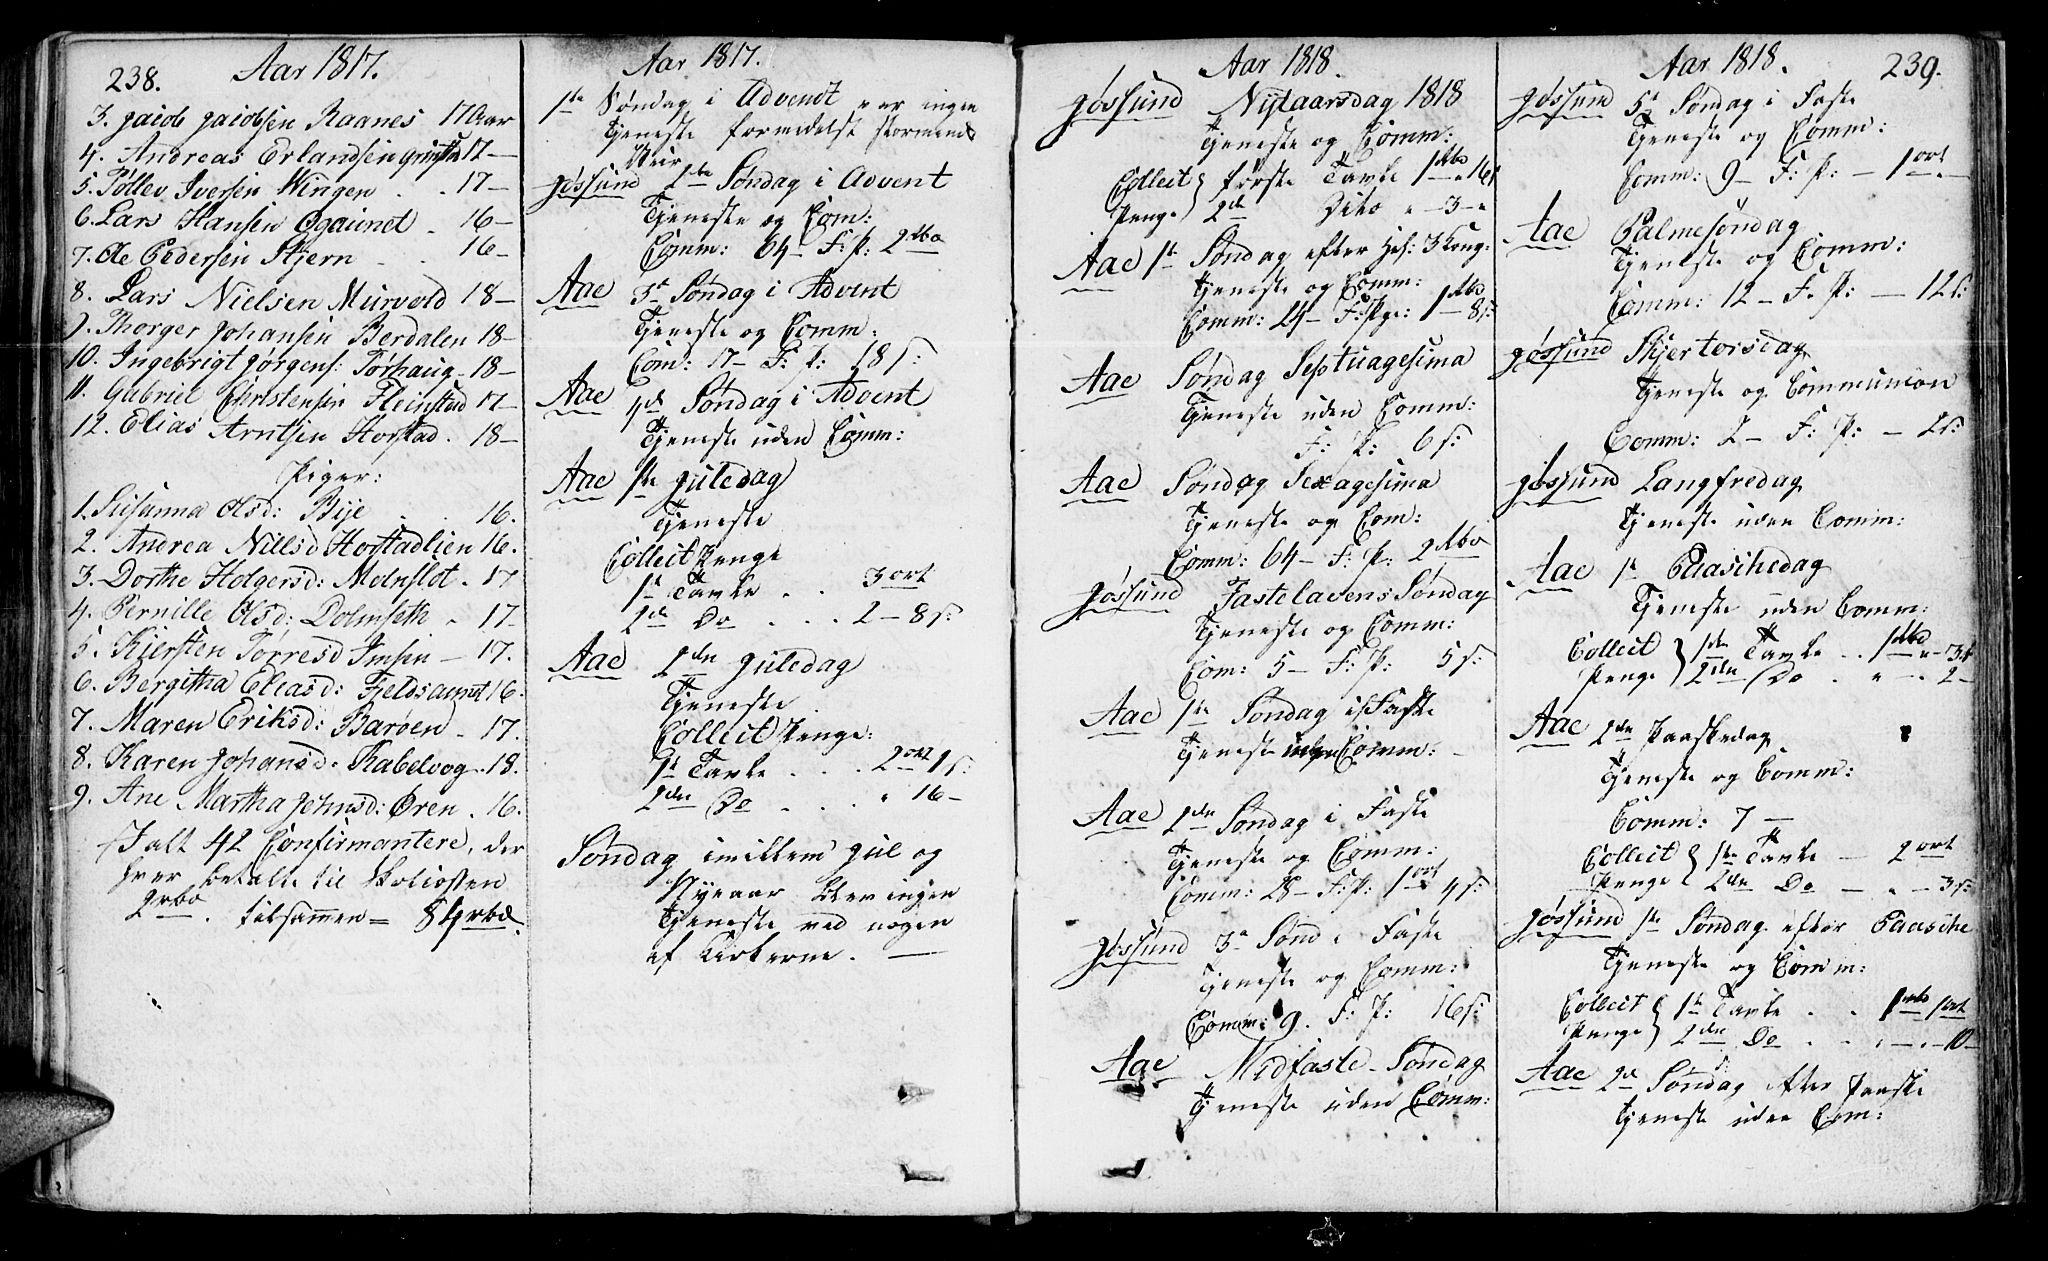 SAT, Ministerialprotokoller, klokkerbøker og fødselsregistre - Sør-Trøndelag, 655/L0674: Ministerialbok nr. 655A03, 1802-1826, s. 238-239